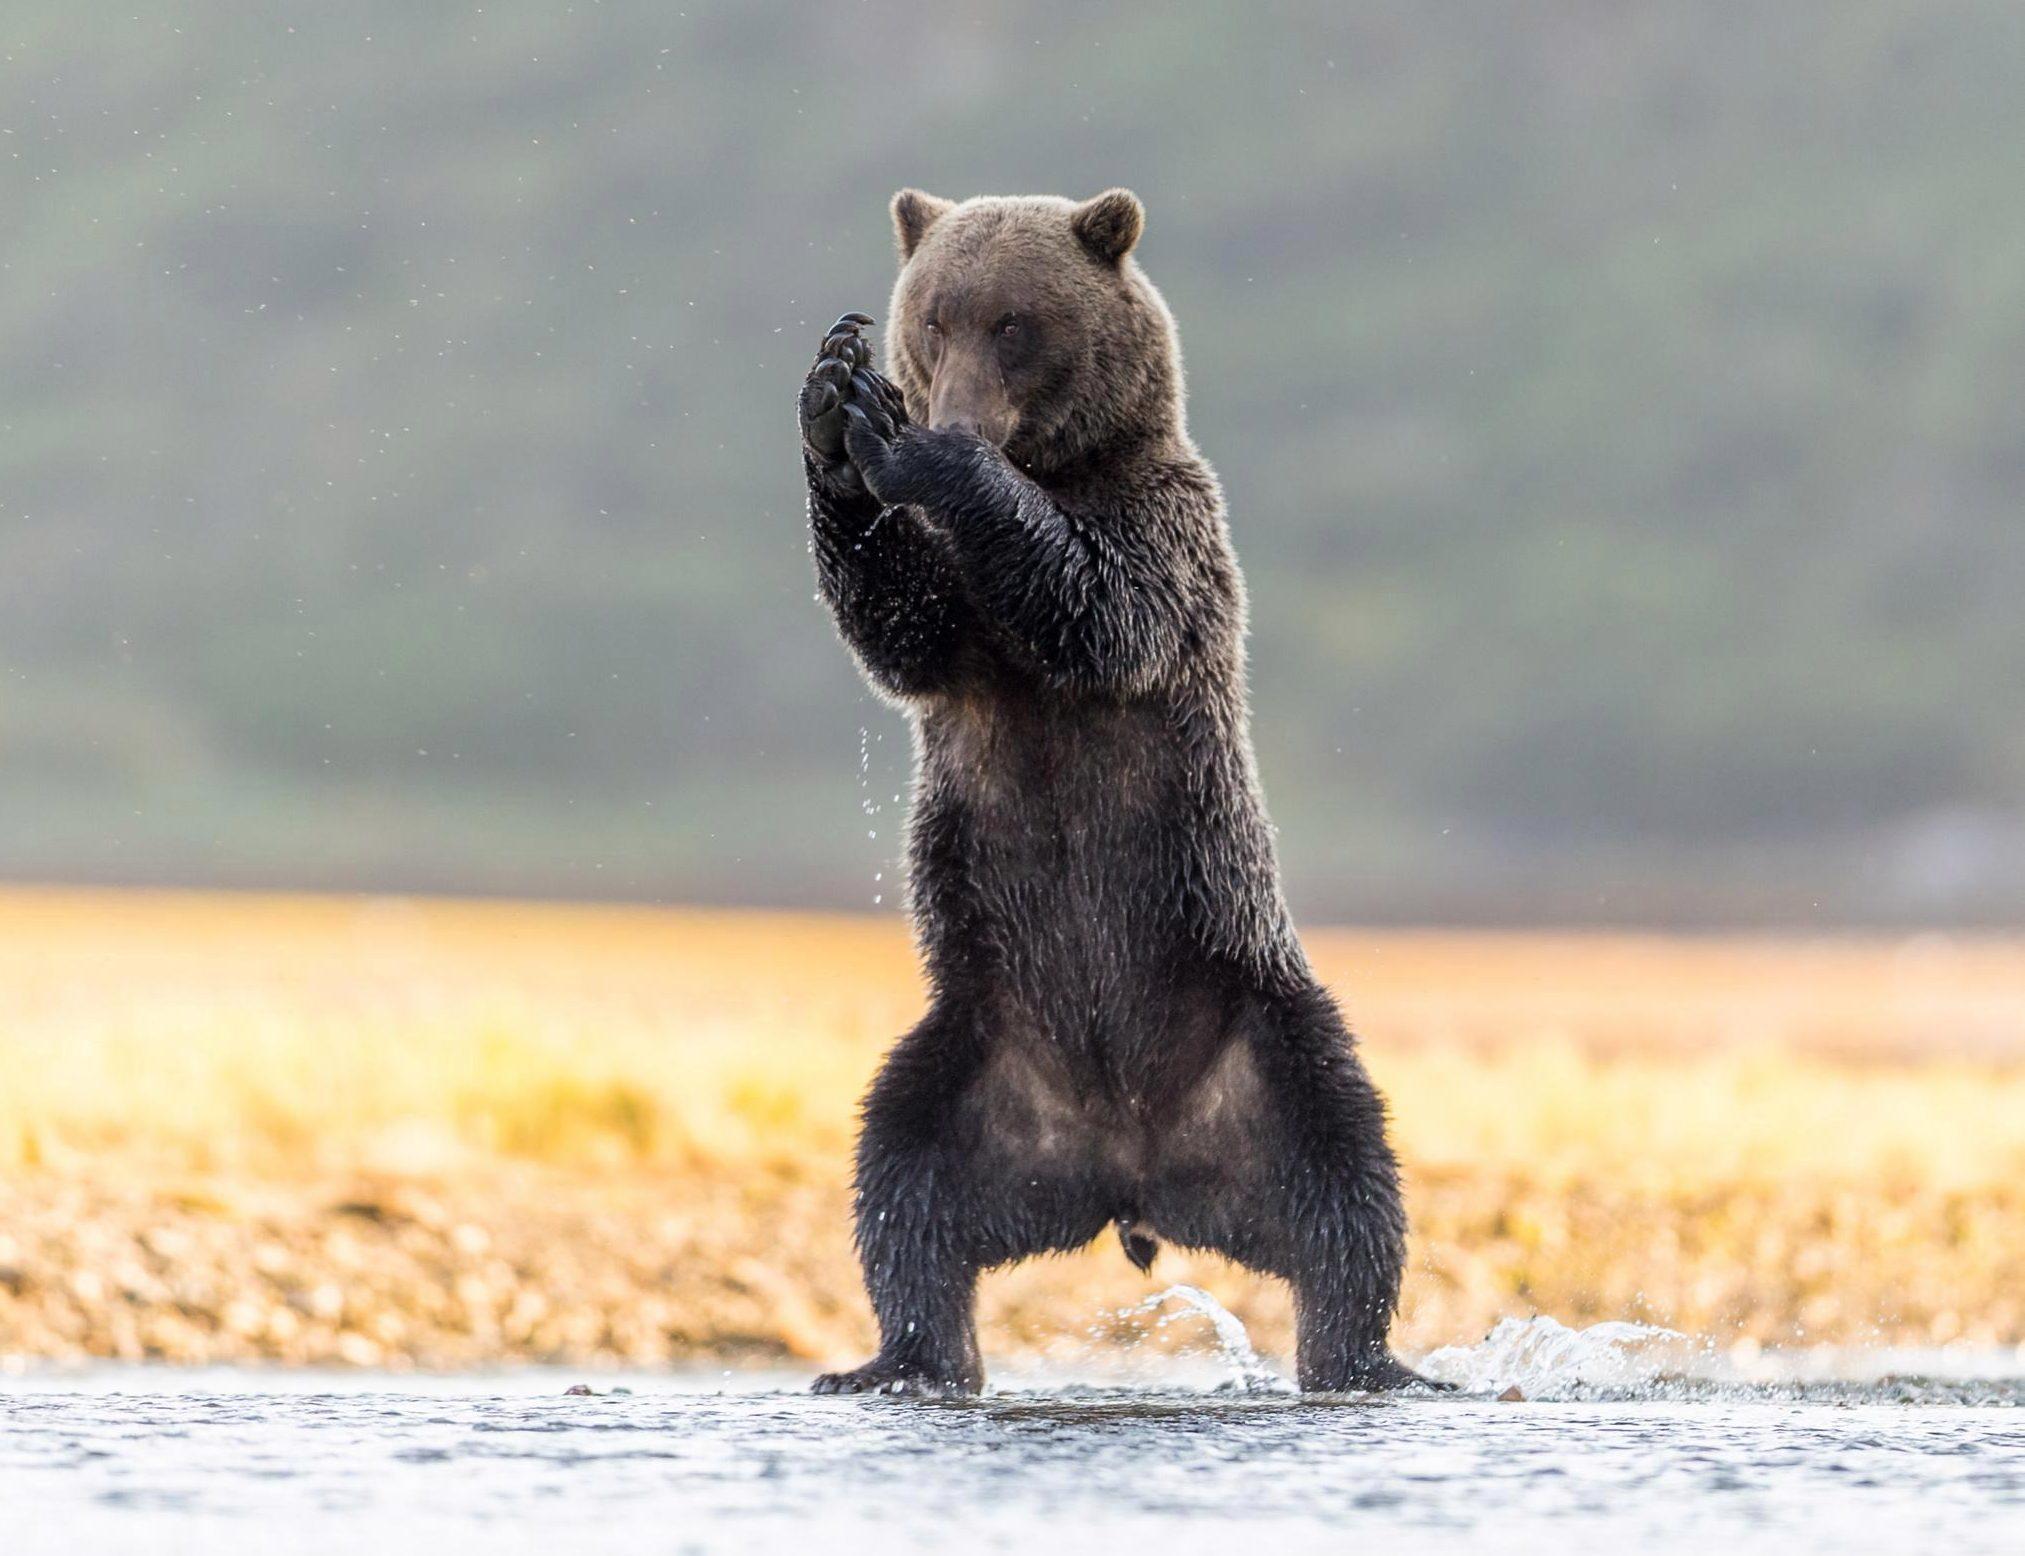 этой шкале фото приколы с медведями артисты организуют